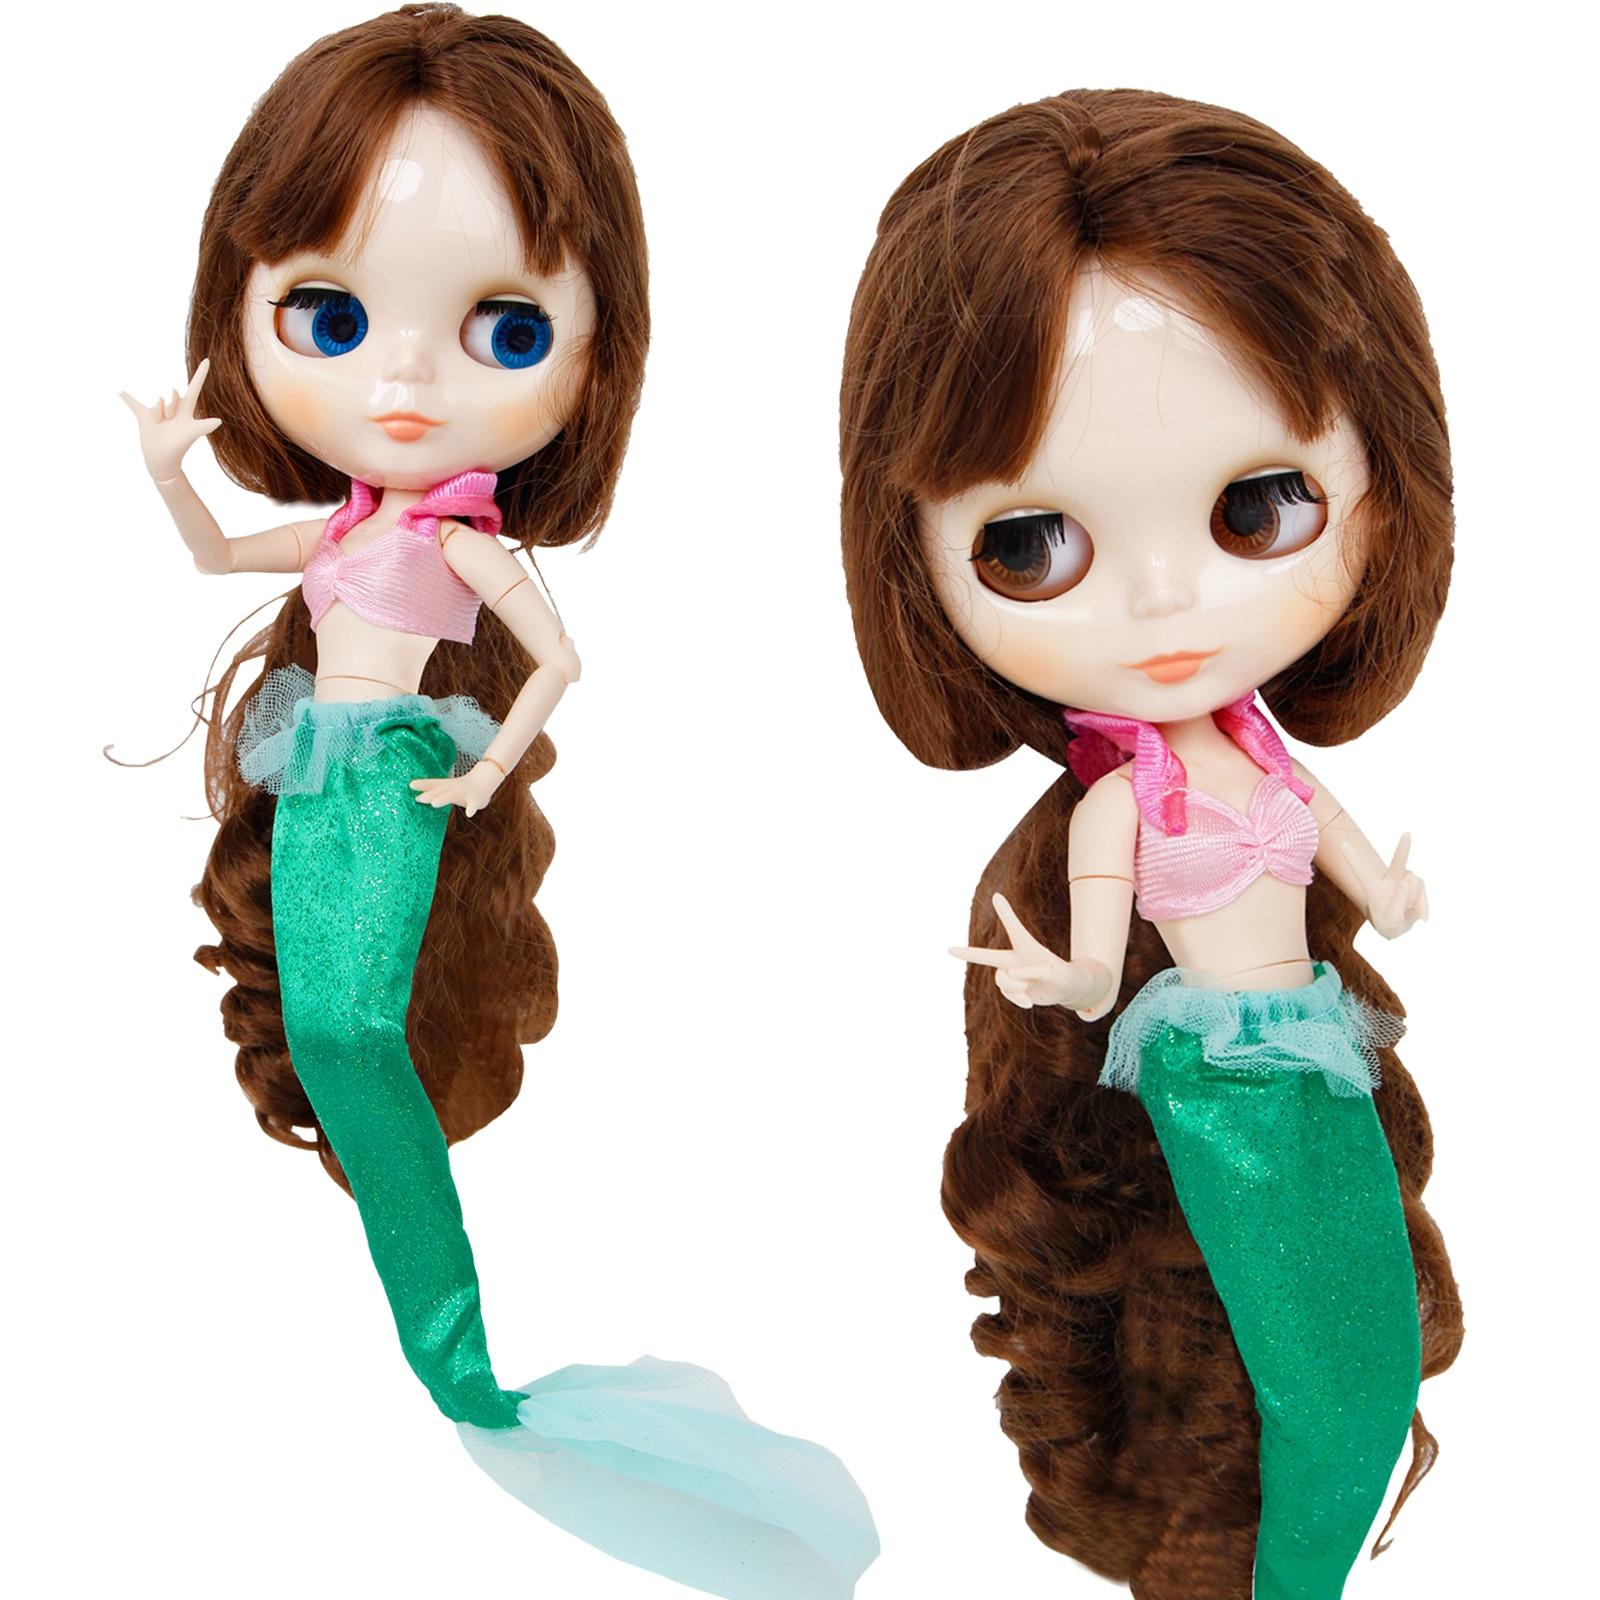 Сказочный костюм Русалочки, платье принцессы Ариэля, бар + рыбий хвостик, аксессуары для кукол, 11,5 дюйма